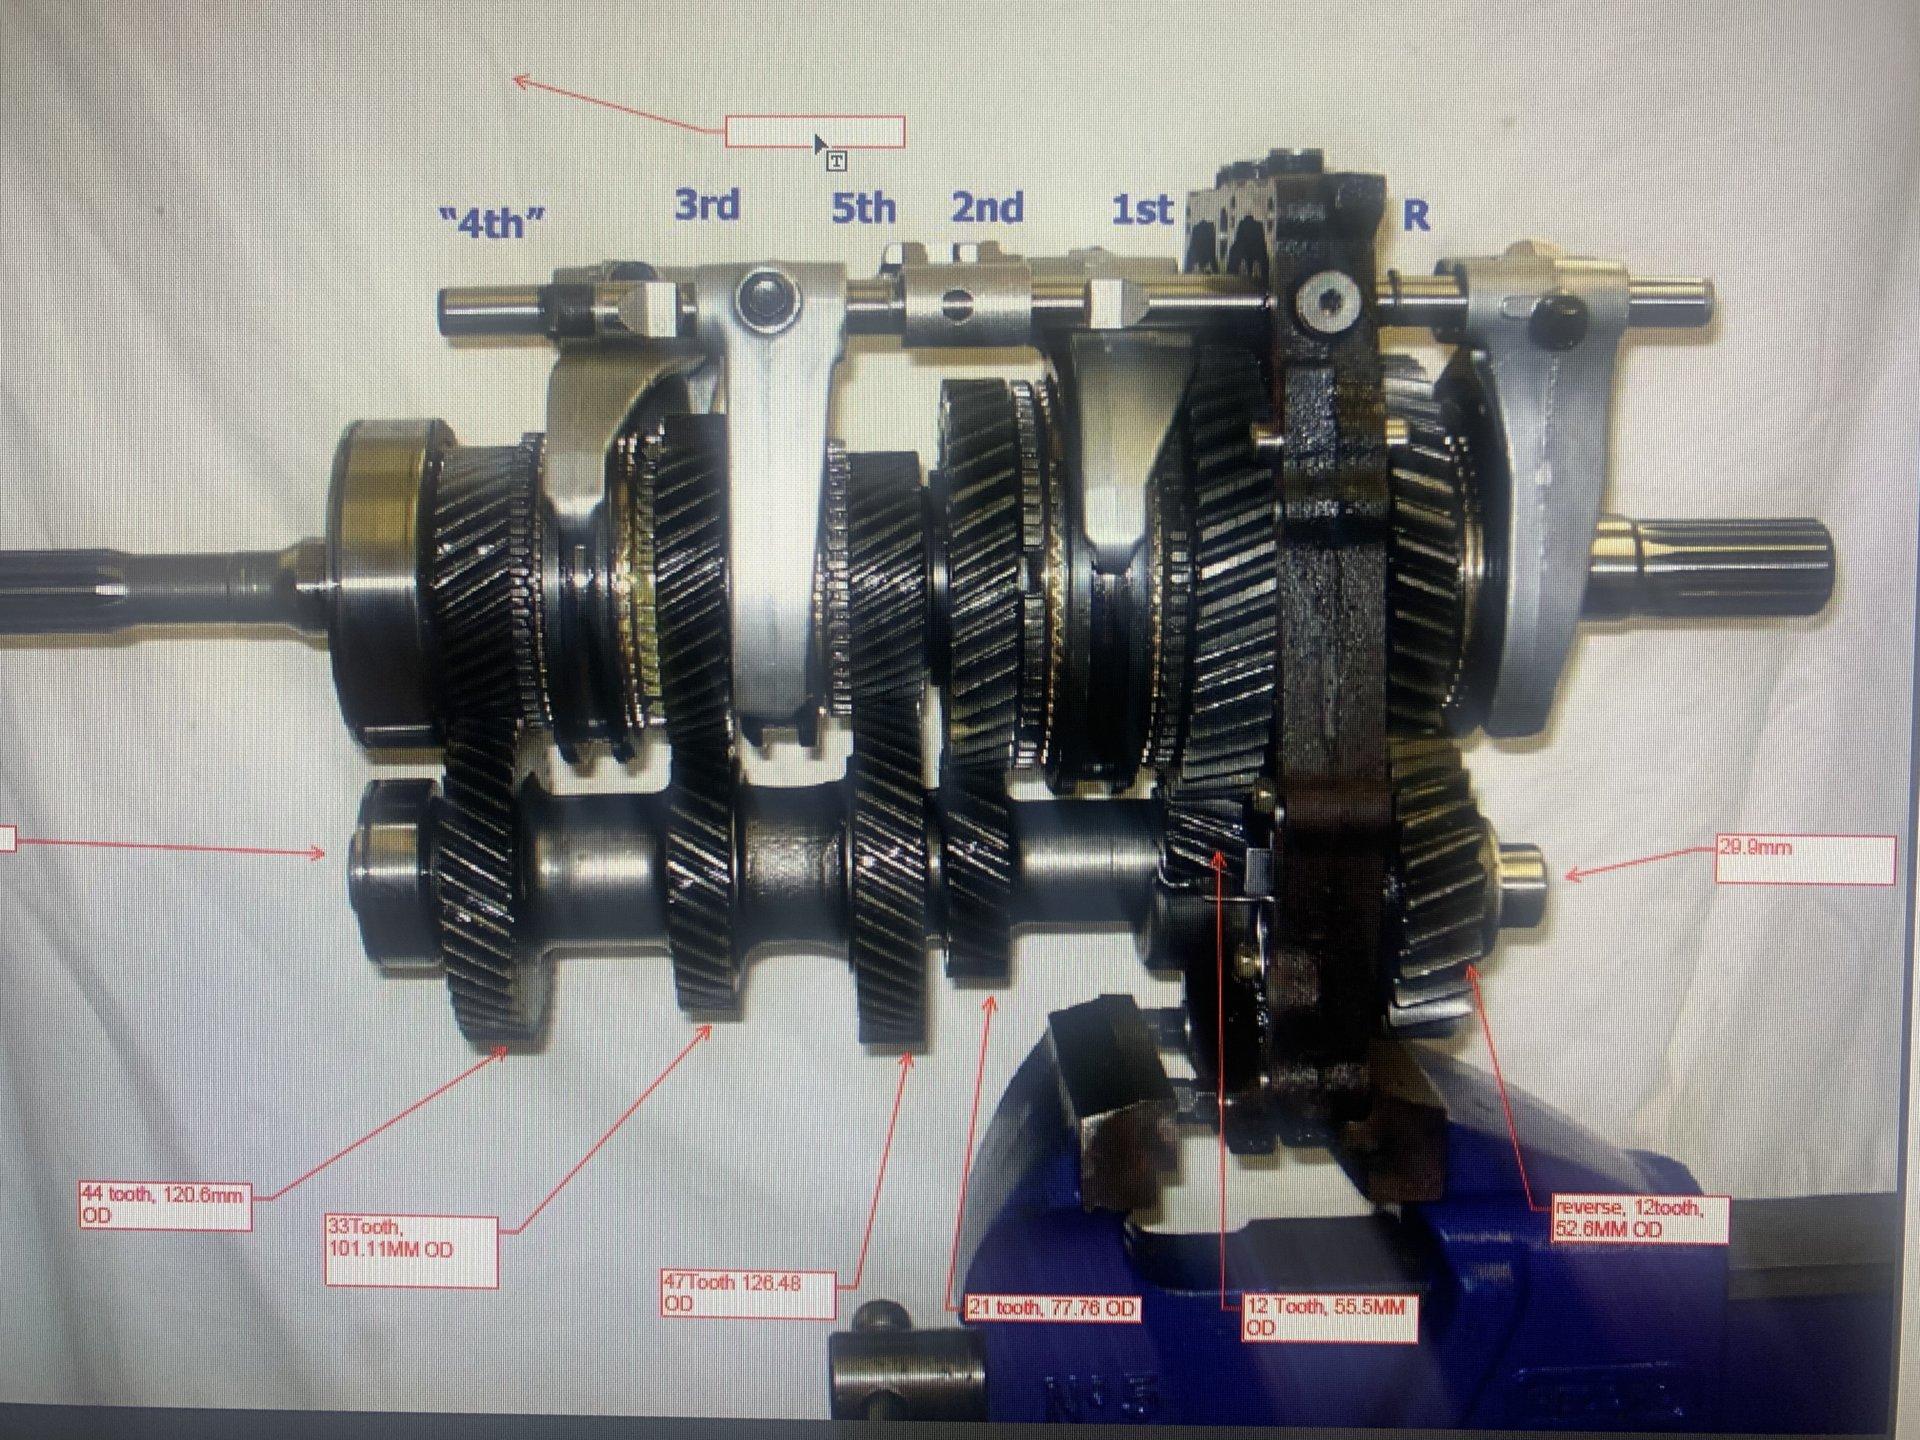 F2810F4D-EAAD-4AE6-AE3A-70C7A318783A.jpeg